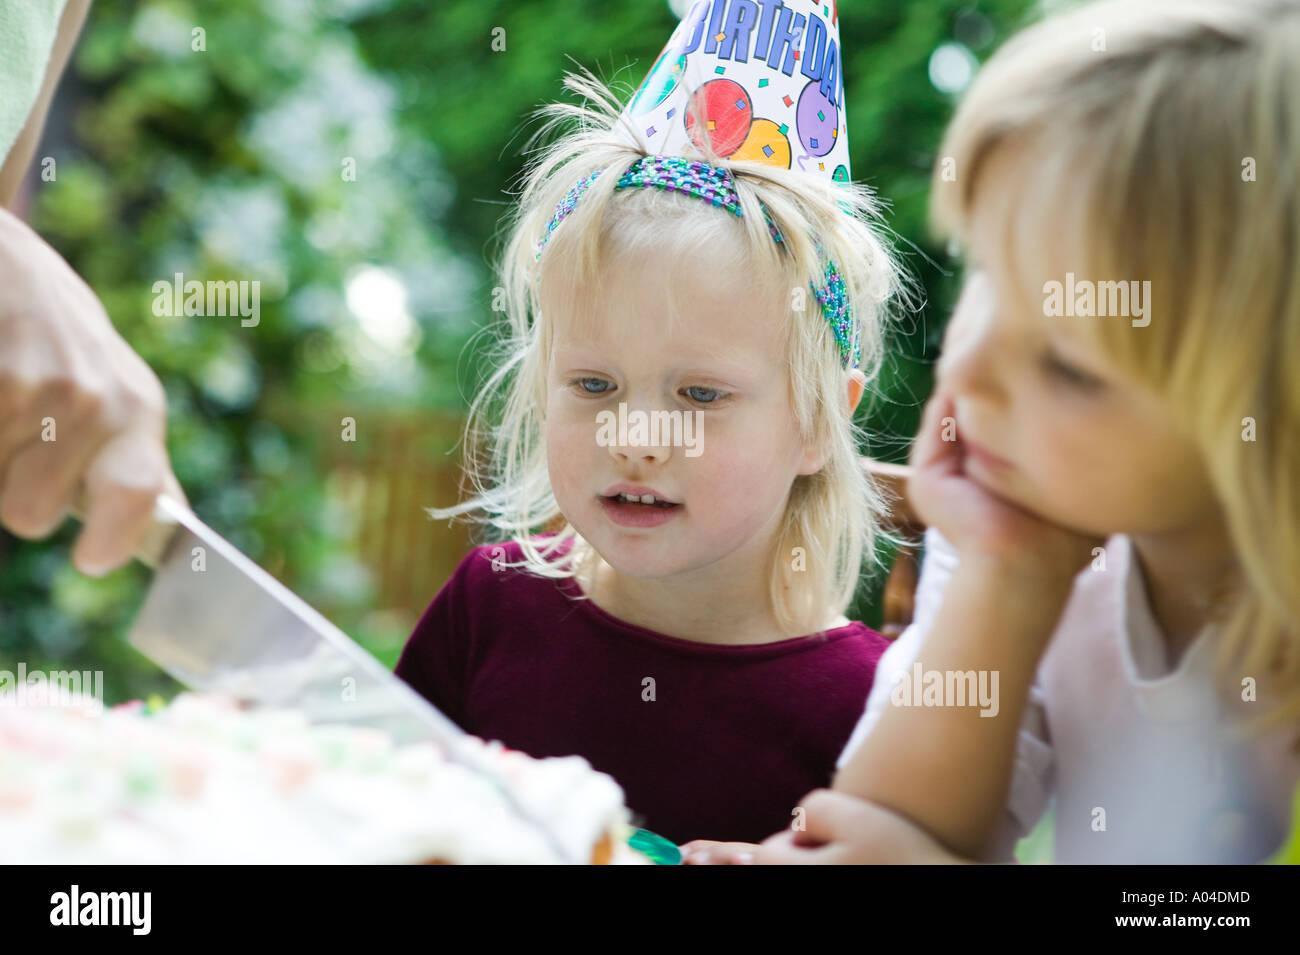 jährige Mädchen gerade Geburtstag Kuchen schneiden Stockbild